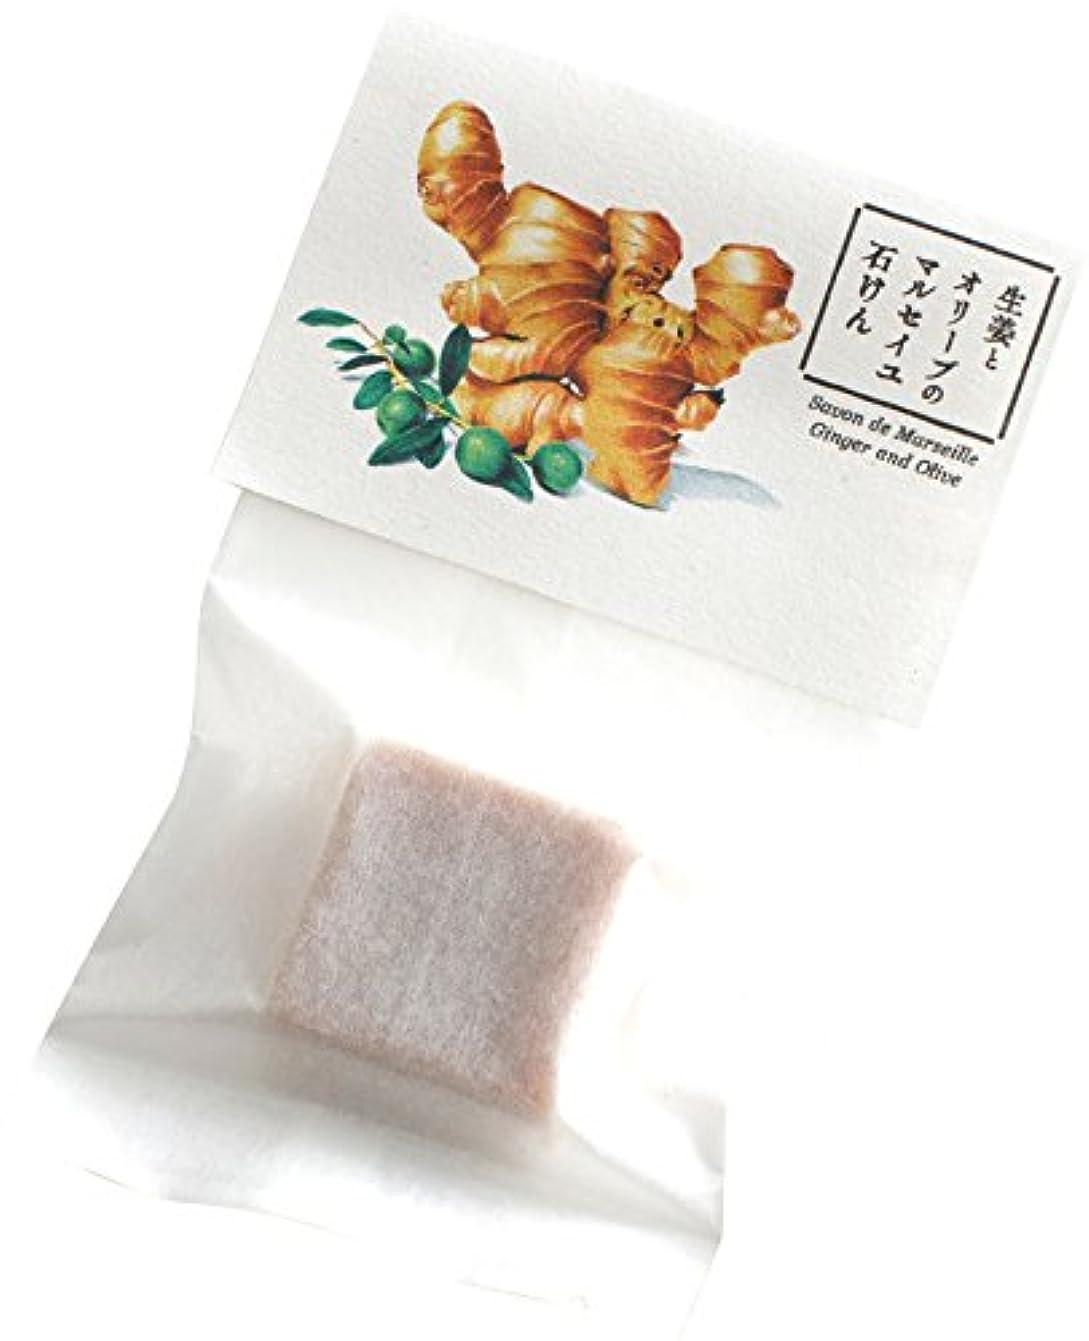 ブル出発苦悩ウェルコ 洗顔料 生姜とオリーブのマルセイユ石けん お試し用 10g